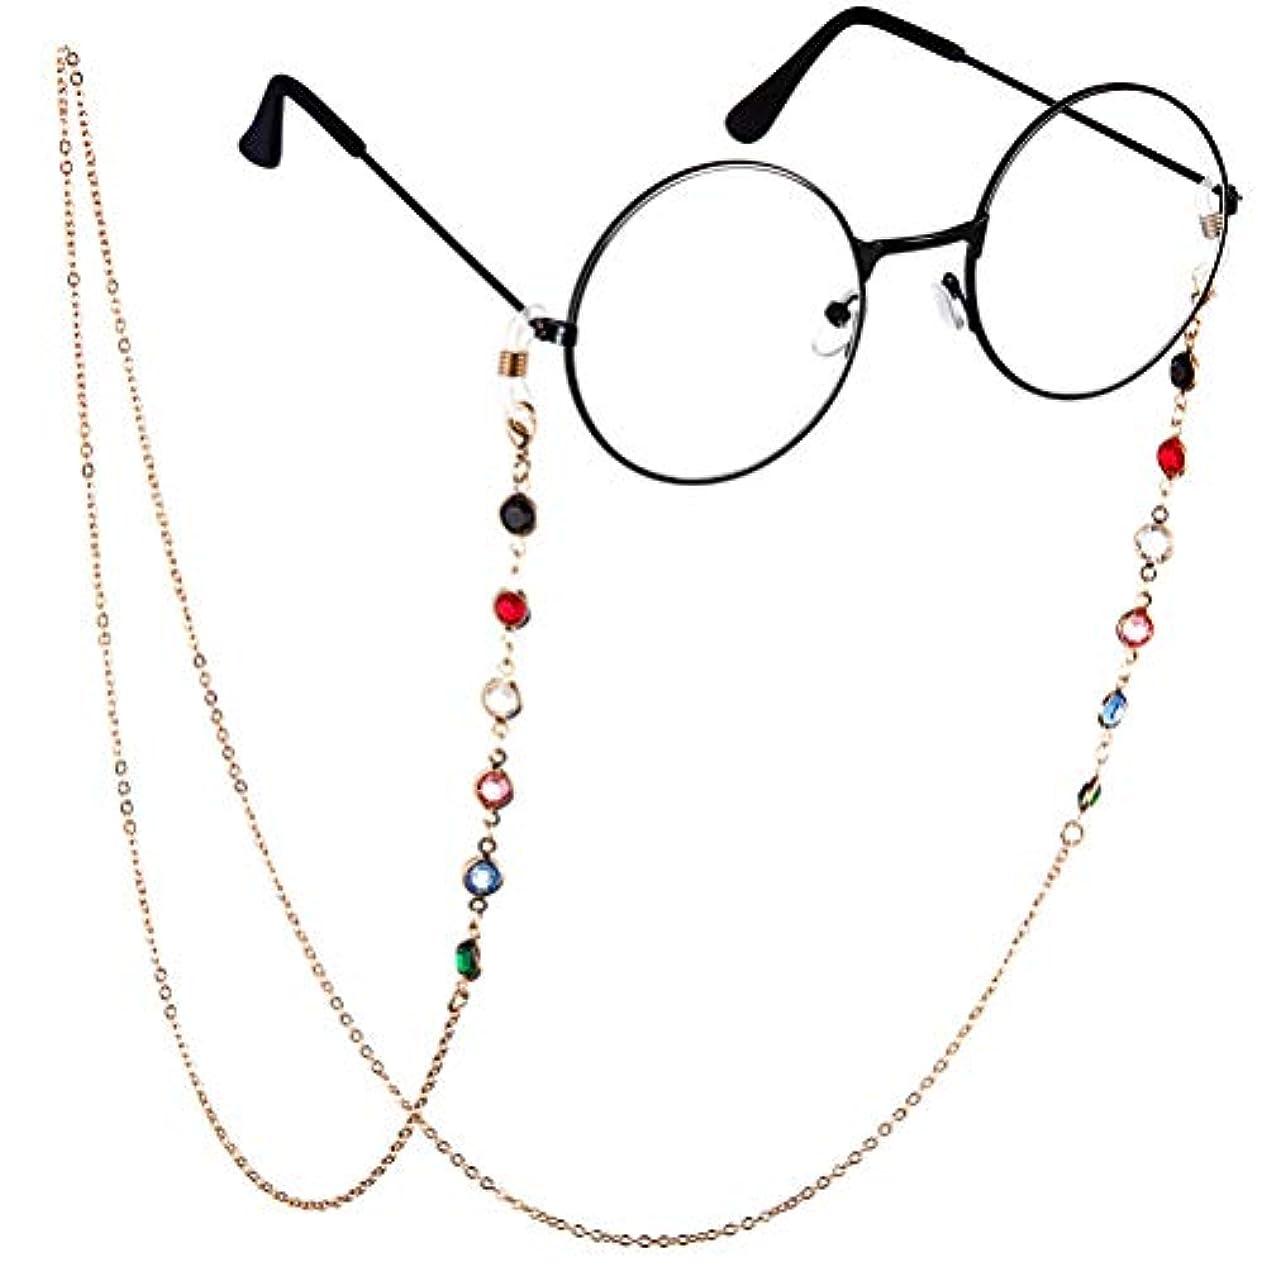 ヒギンズ海施設BTSMAT ファッションジェムメガネチェーンメガネ老眼鏡メガネメガネホルダーストラップストラップ